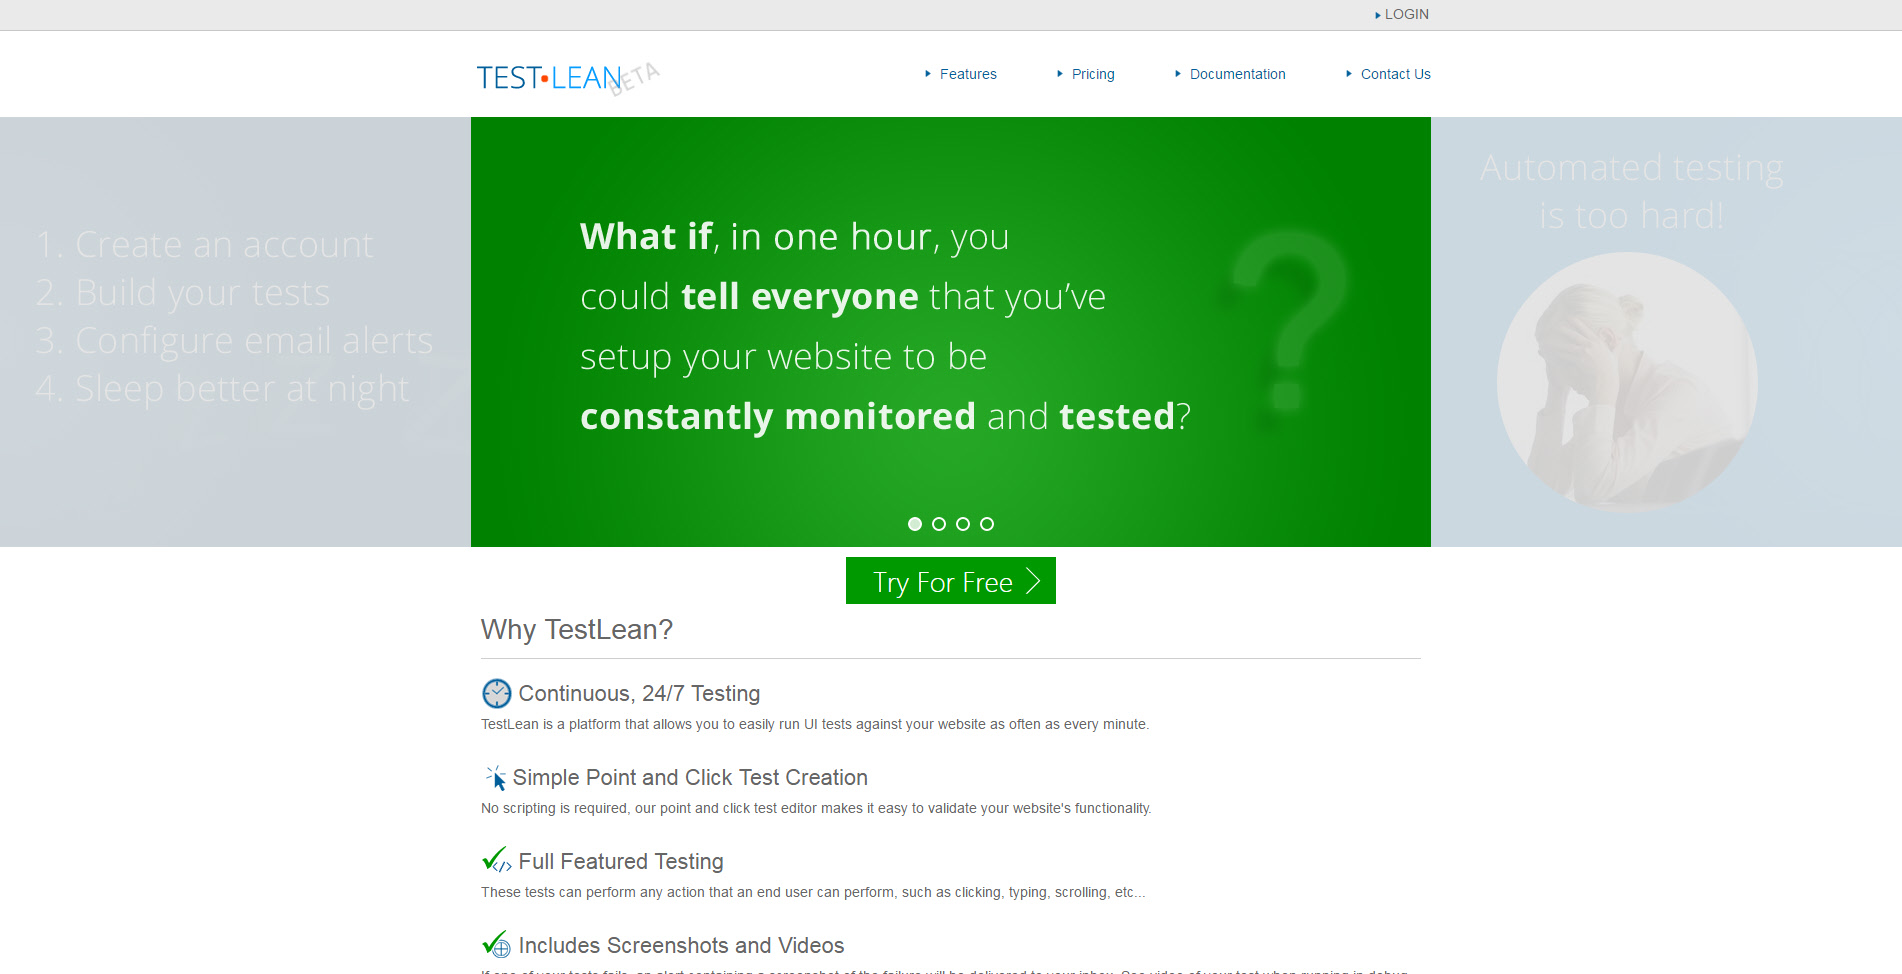 TestLean